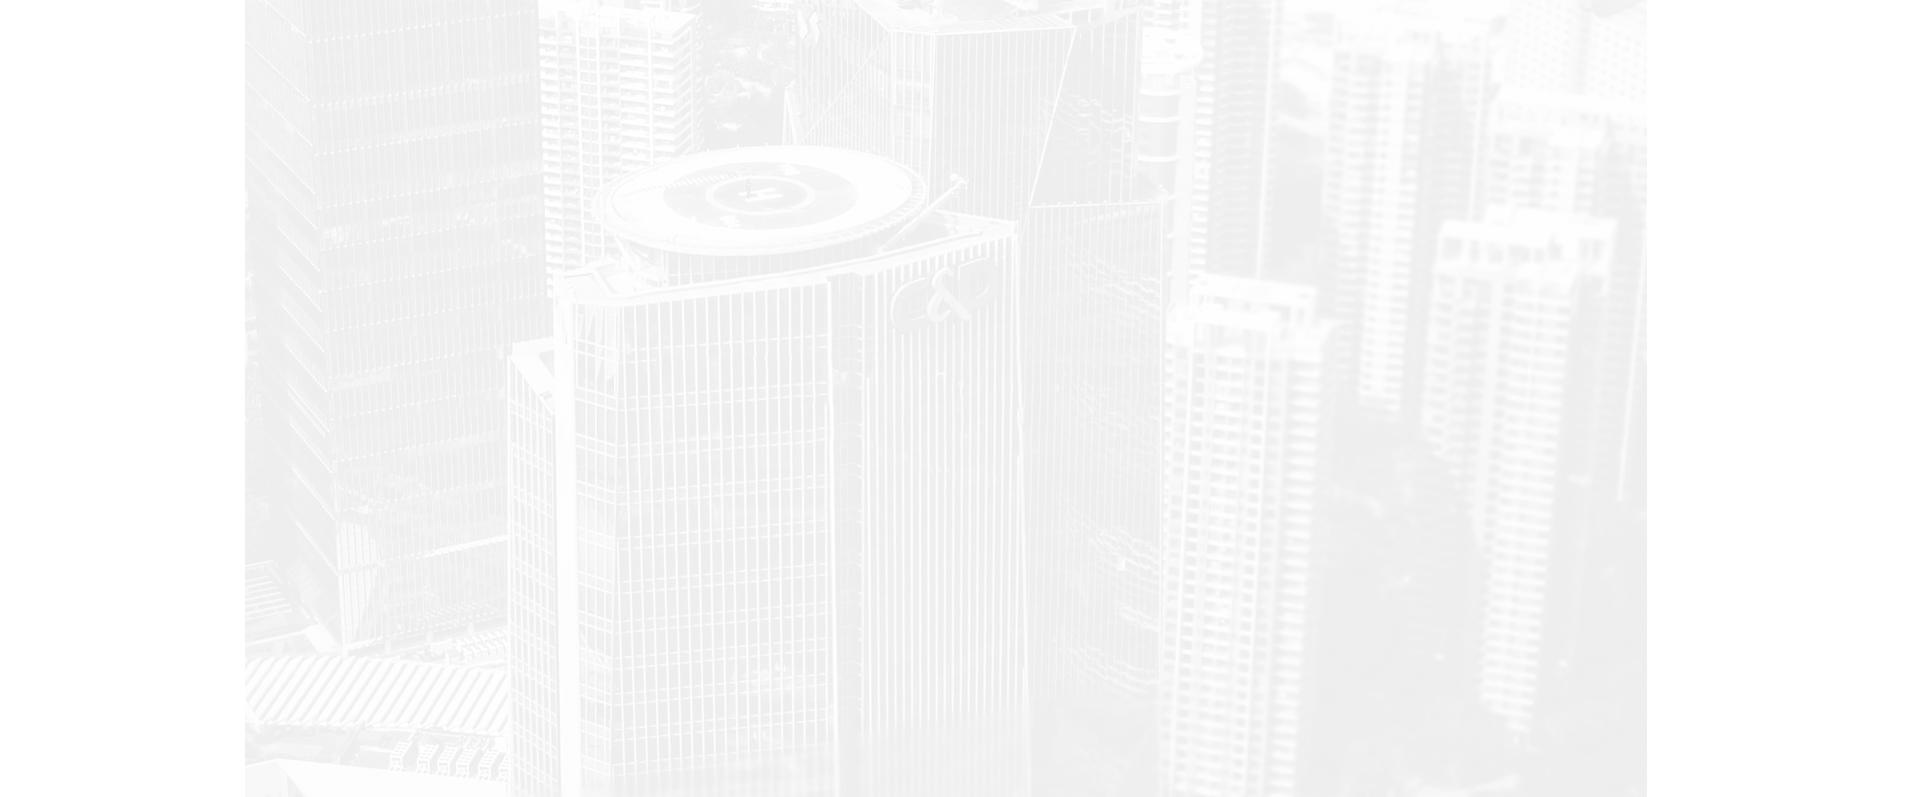 ope电竞直播总部图